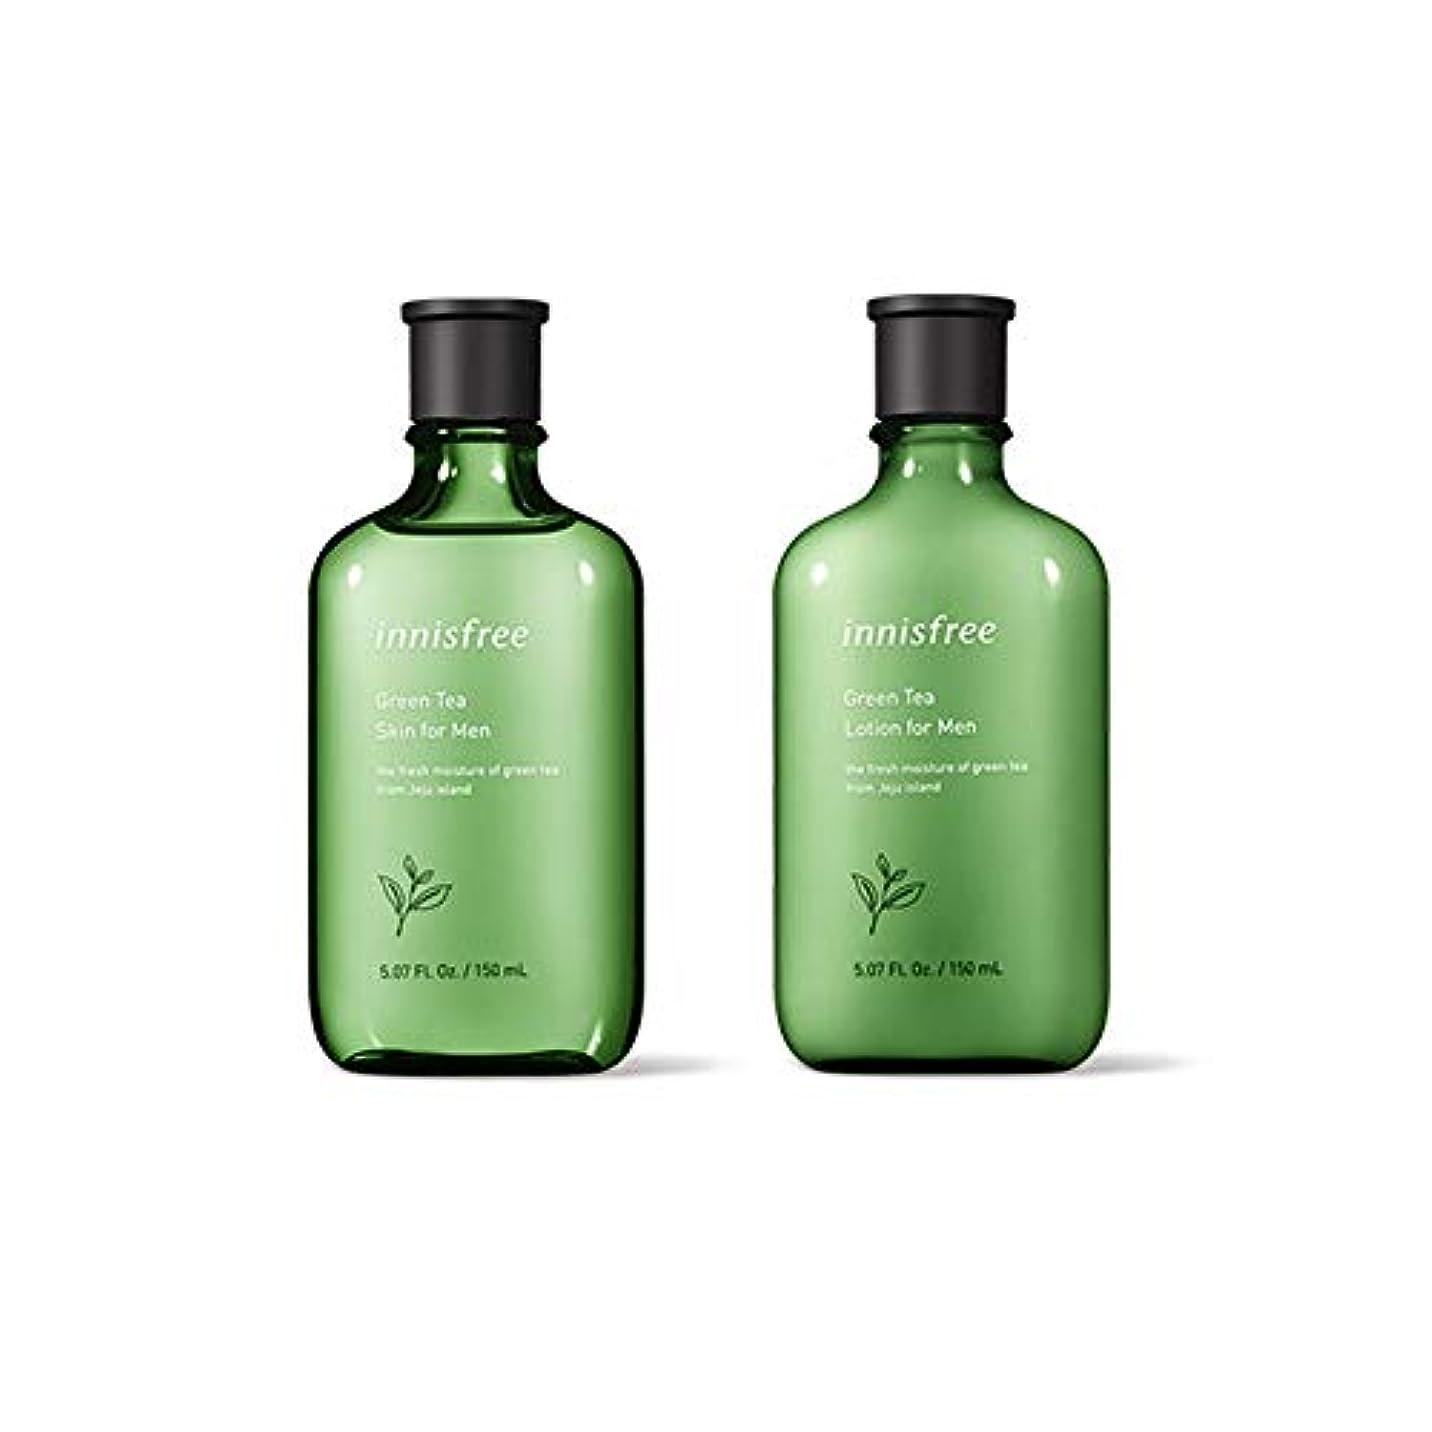 ガロン棚適切なイニスフリー Innisfree グリーンティースキン & ローションセットフォーメン(150ml+150ml) Innisfree Green Tea Skin & Lotion Set For Men(150ml+150ml...